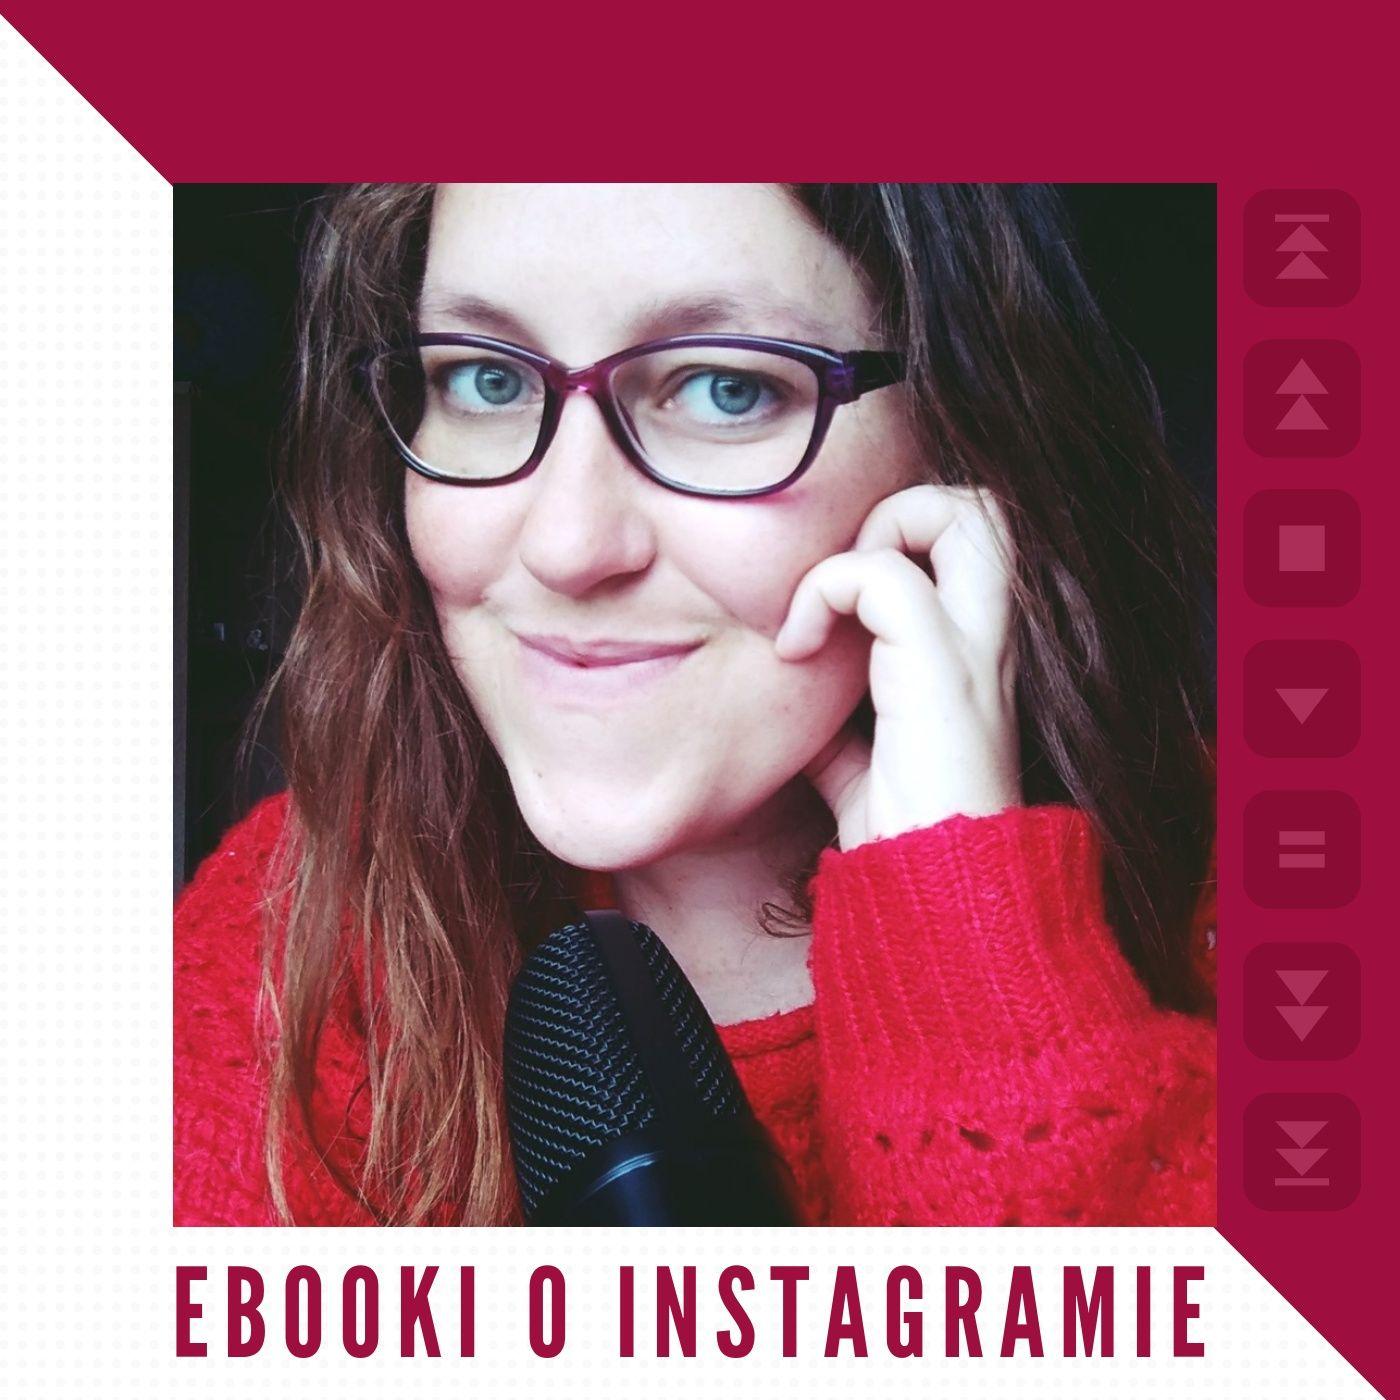 Ebooki o Instagramie - Blog Firma #1